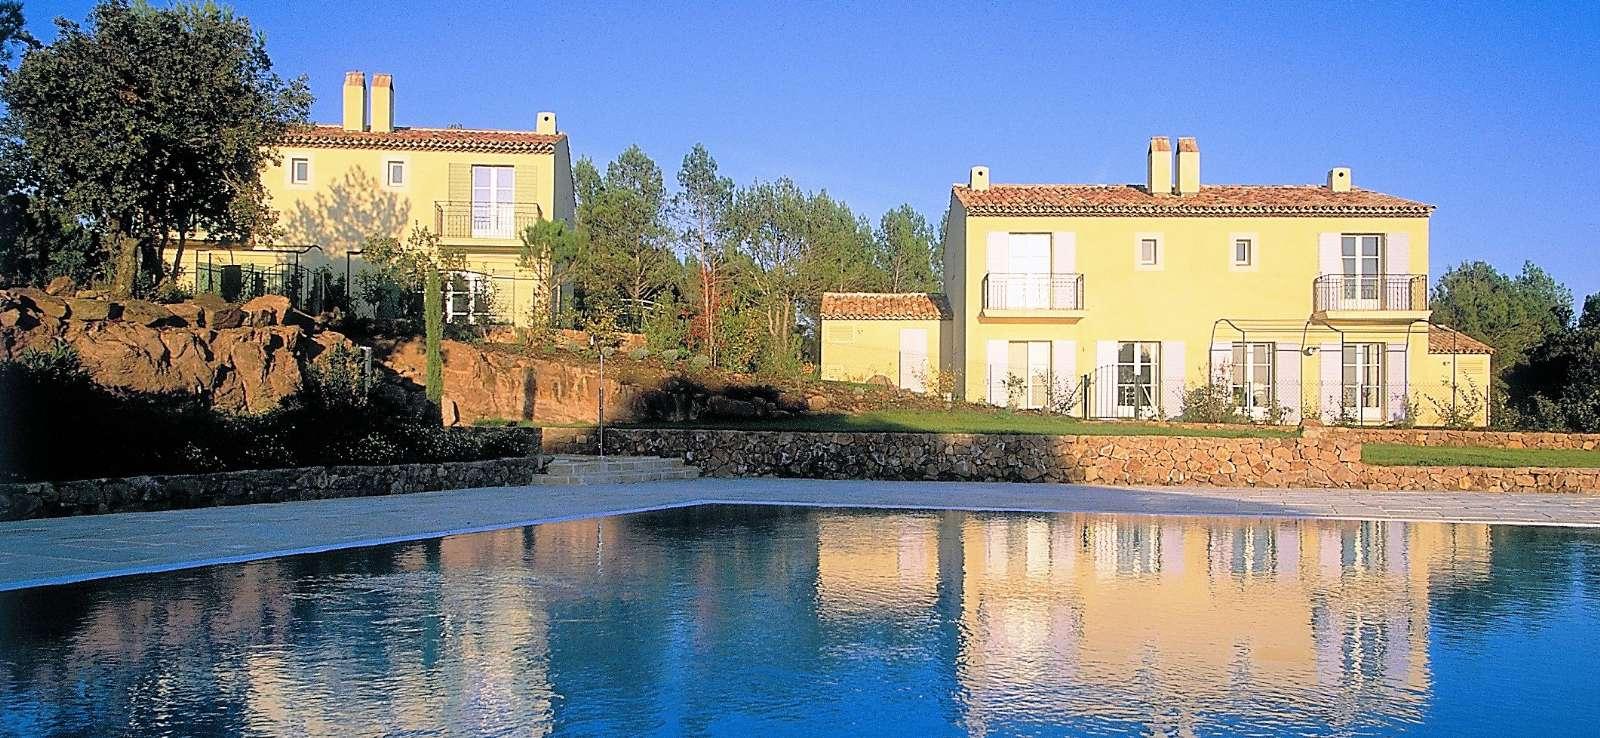 Hus med gemensam pool